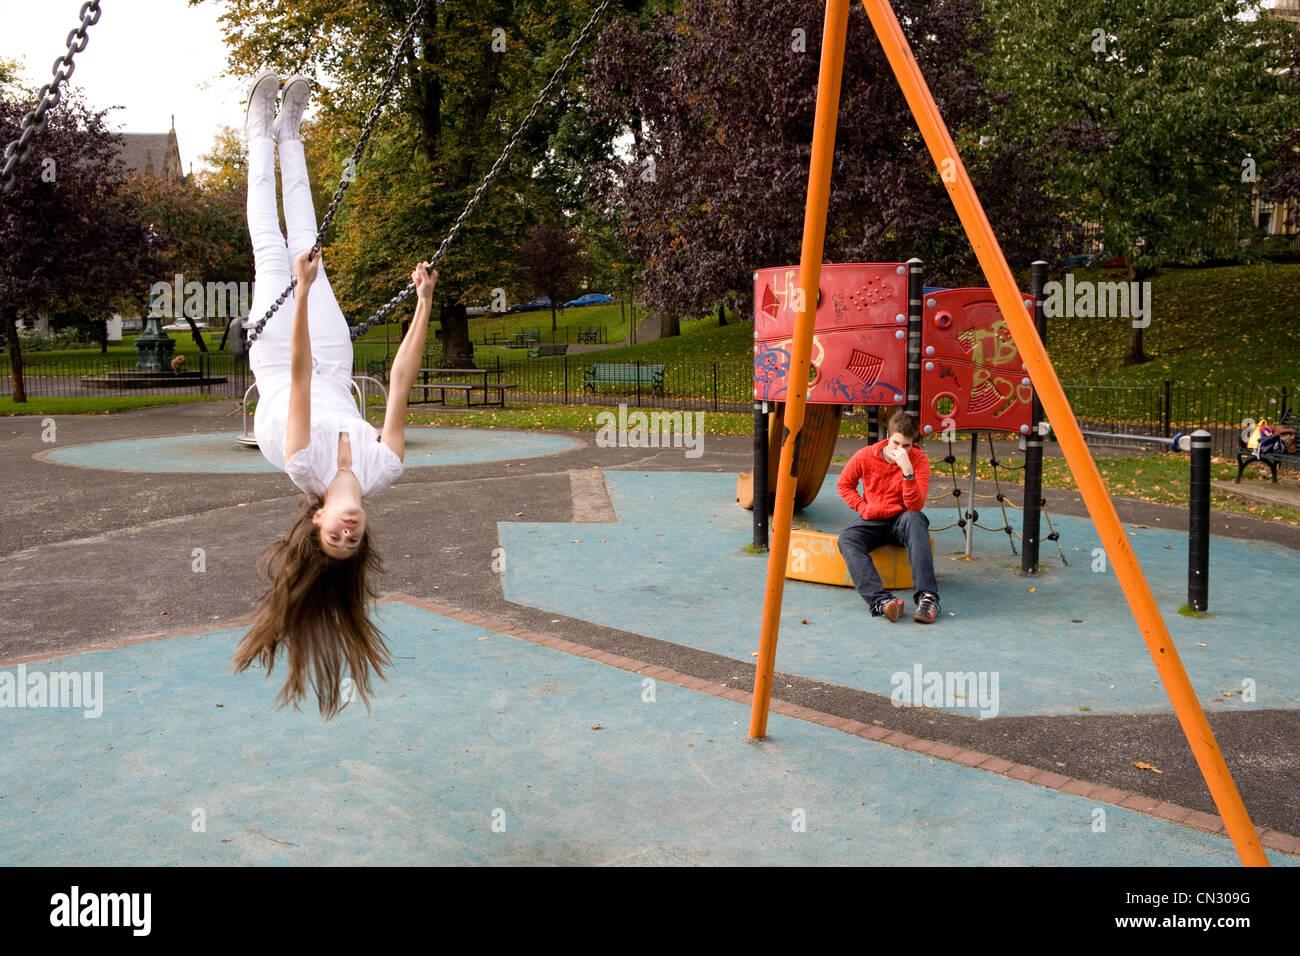 Uma adolescente no swing no parque infantil, de cabeça para baixo Imagens de Stock